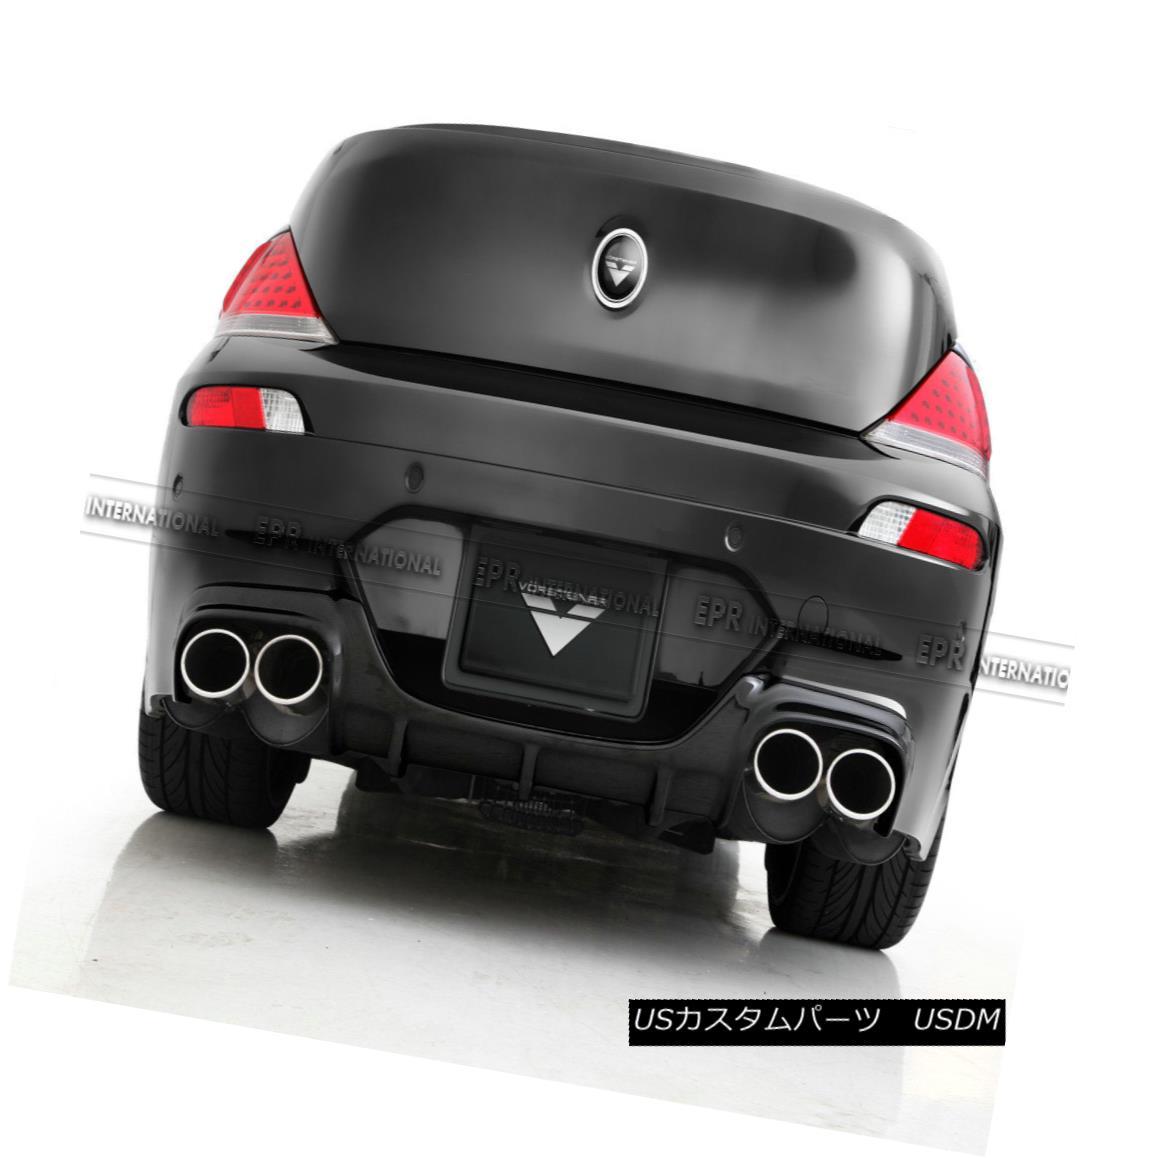 エアロパーツ Carbon Fiber Rear Diffuser Under Lip Kit For BMW E64 Soft top M6 VOR Style BMW E64 ソフトトップ 用リップキットの炭素繊維リアディフューザーM6 VORスタイル